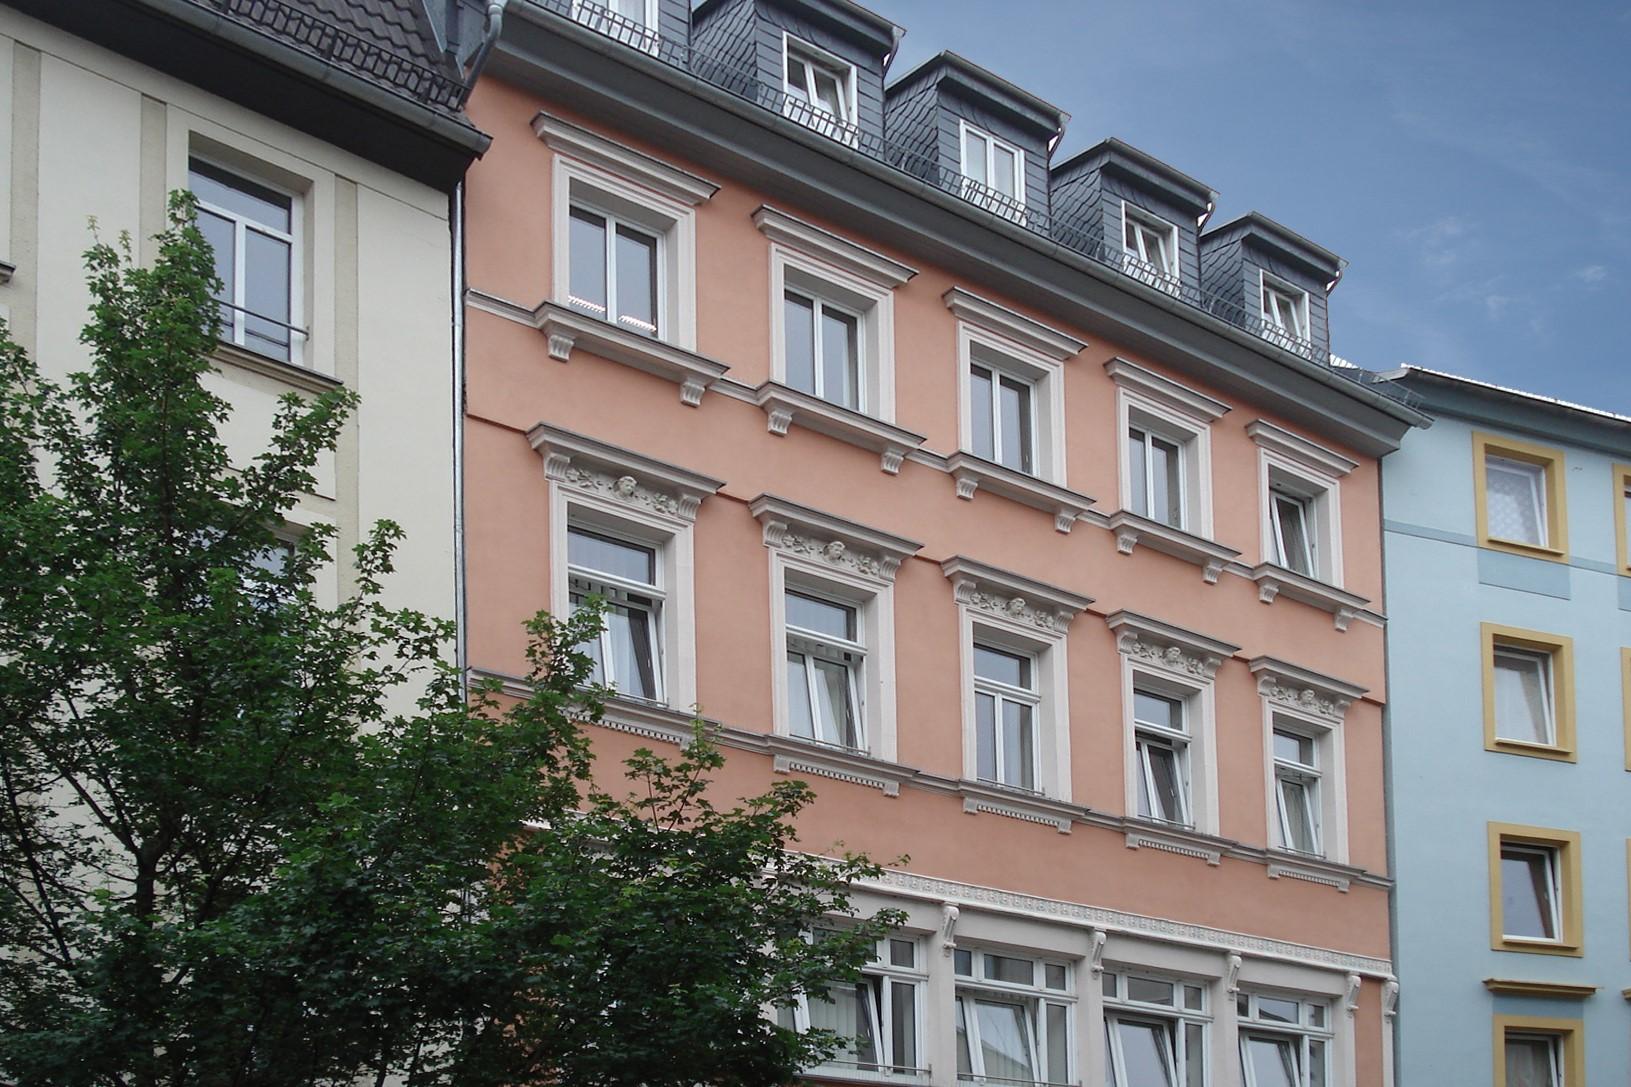 Mehrfamilienhäuser in Niedersachsen gesucht!